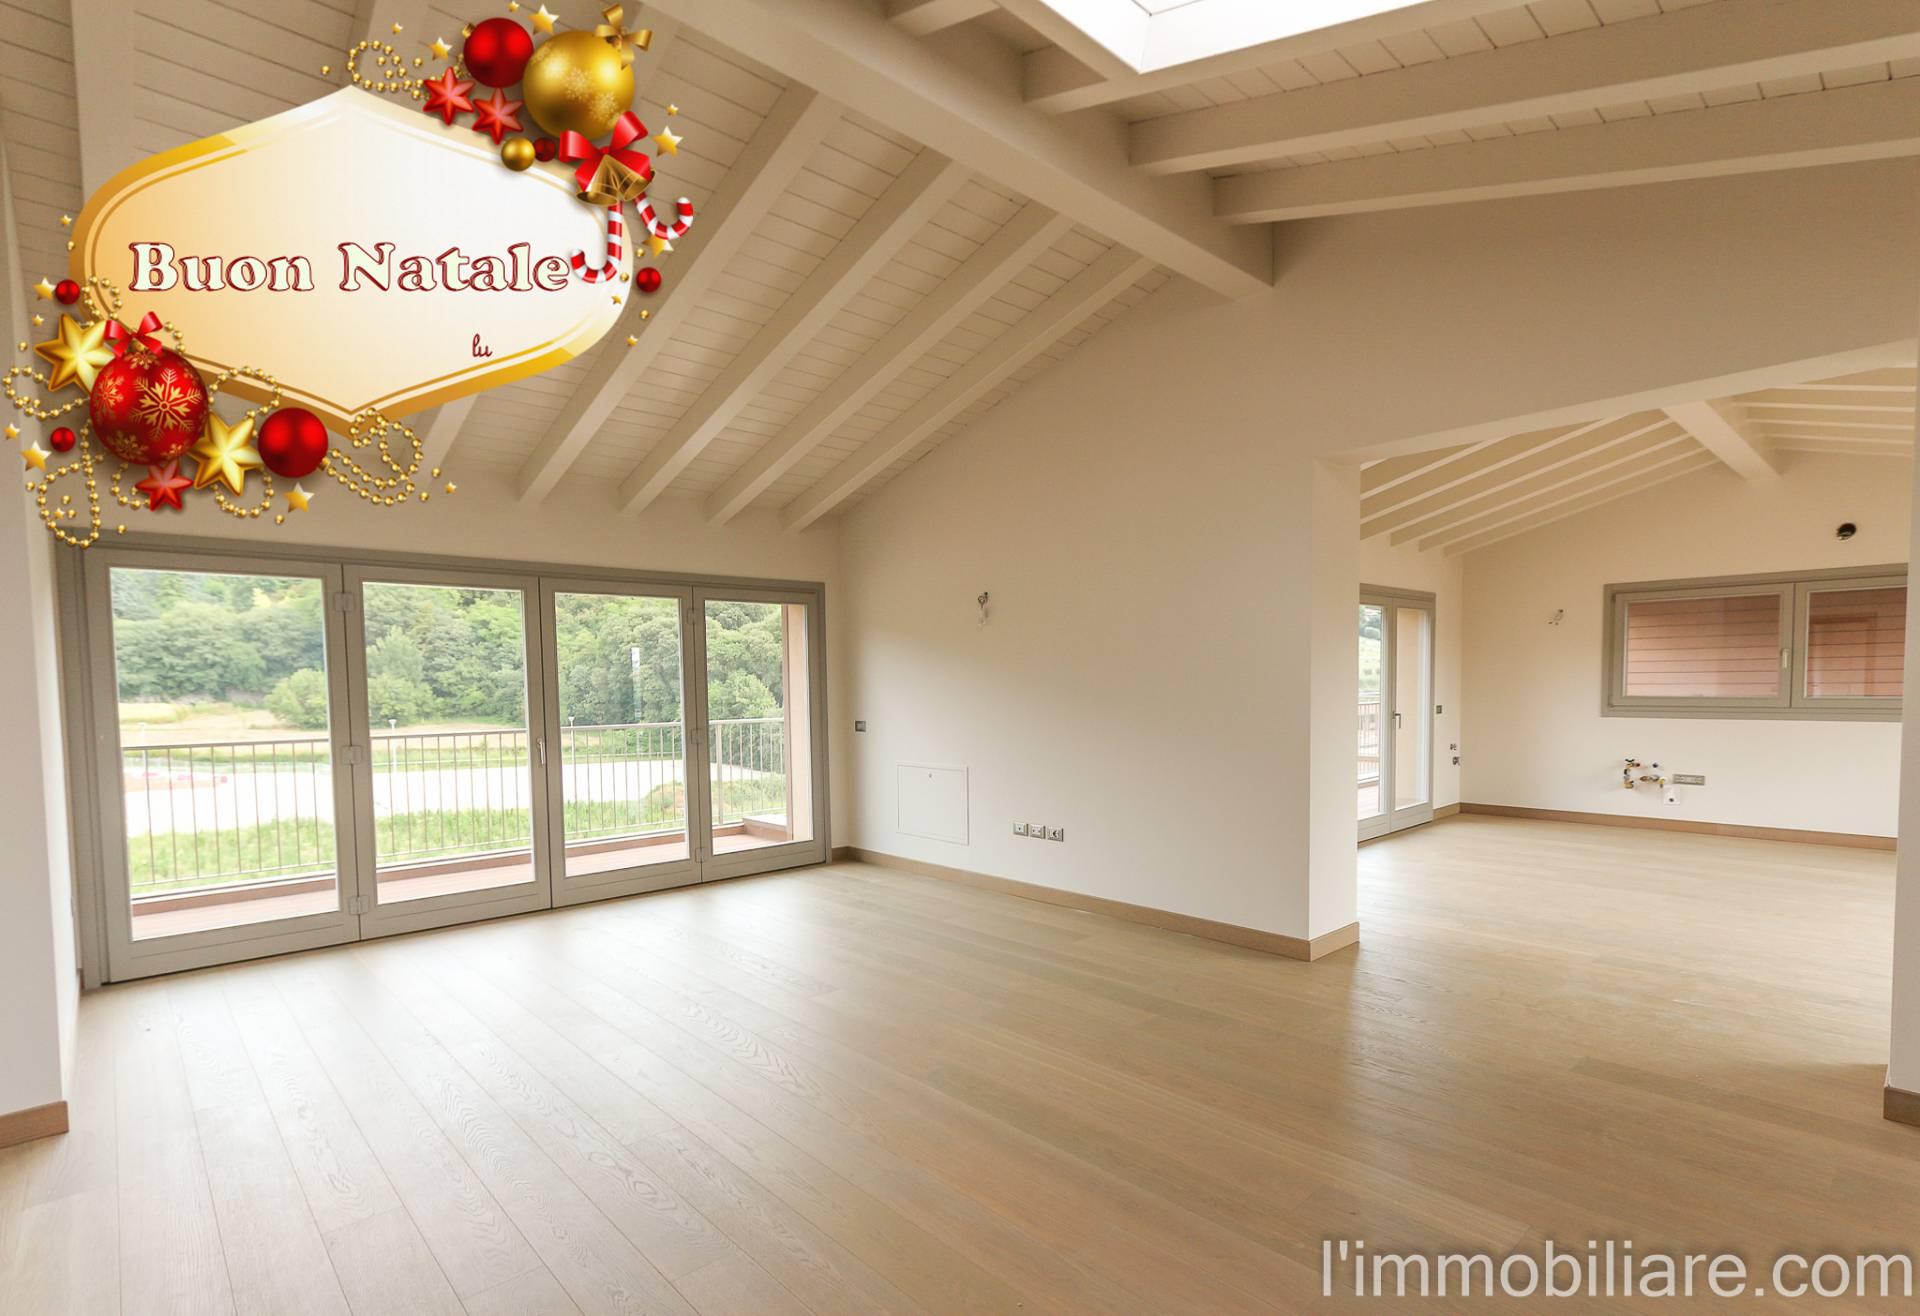 Appartamento in Vendita a Verona Semicentro Nord: 4 locali, 174 mq